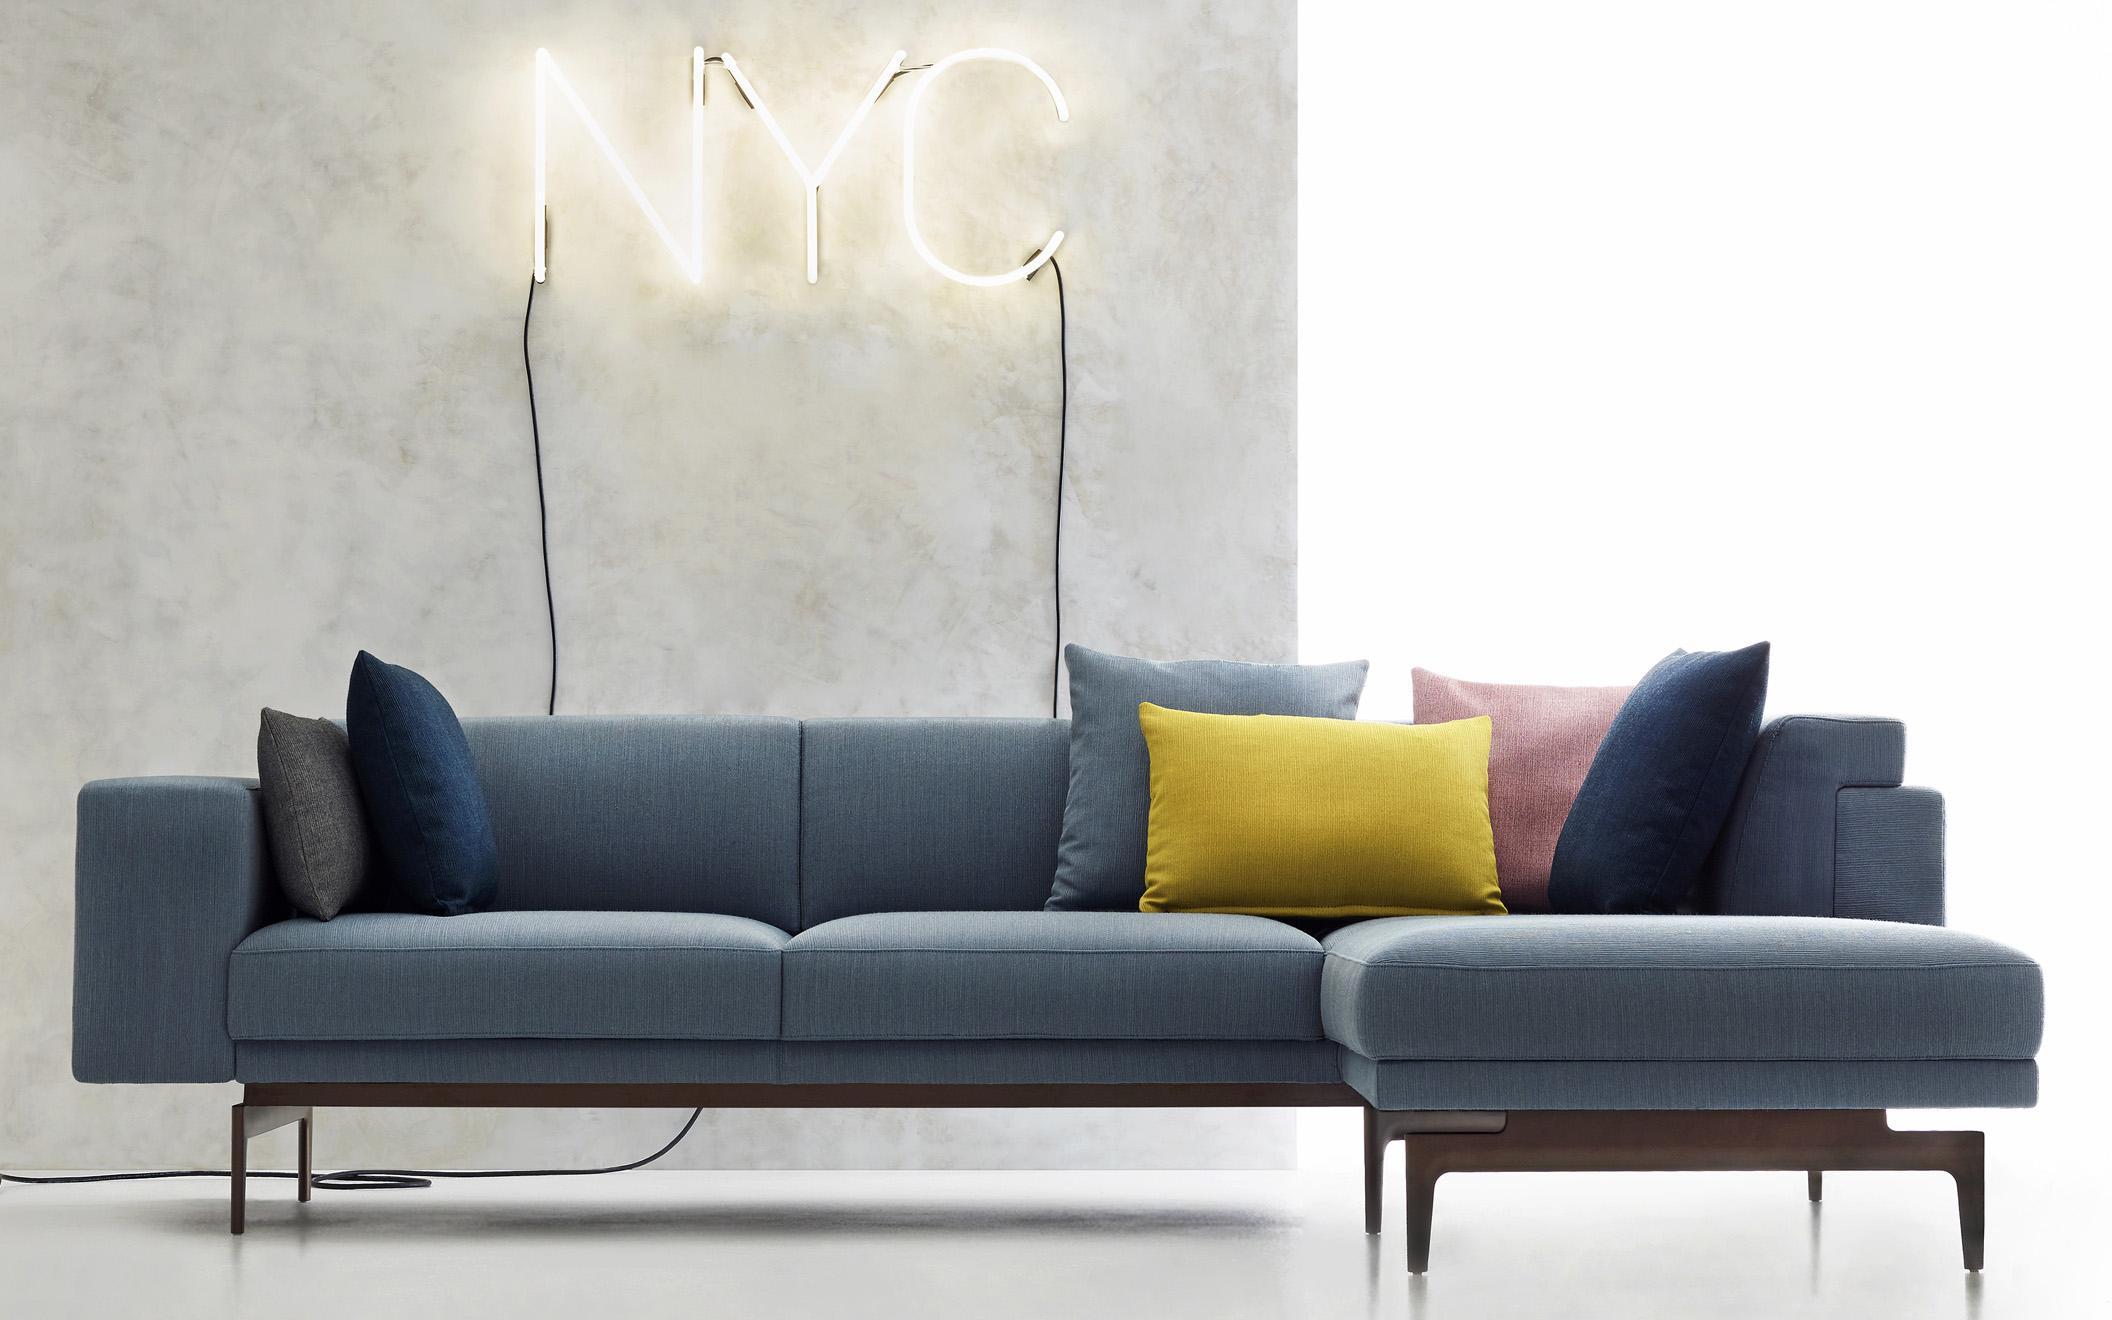 sofa com nyc round outdoor chair modular corner contemporary fabric